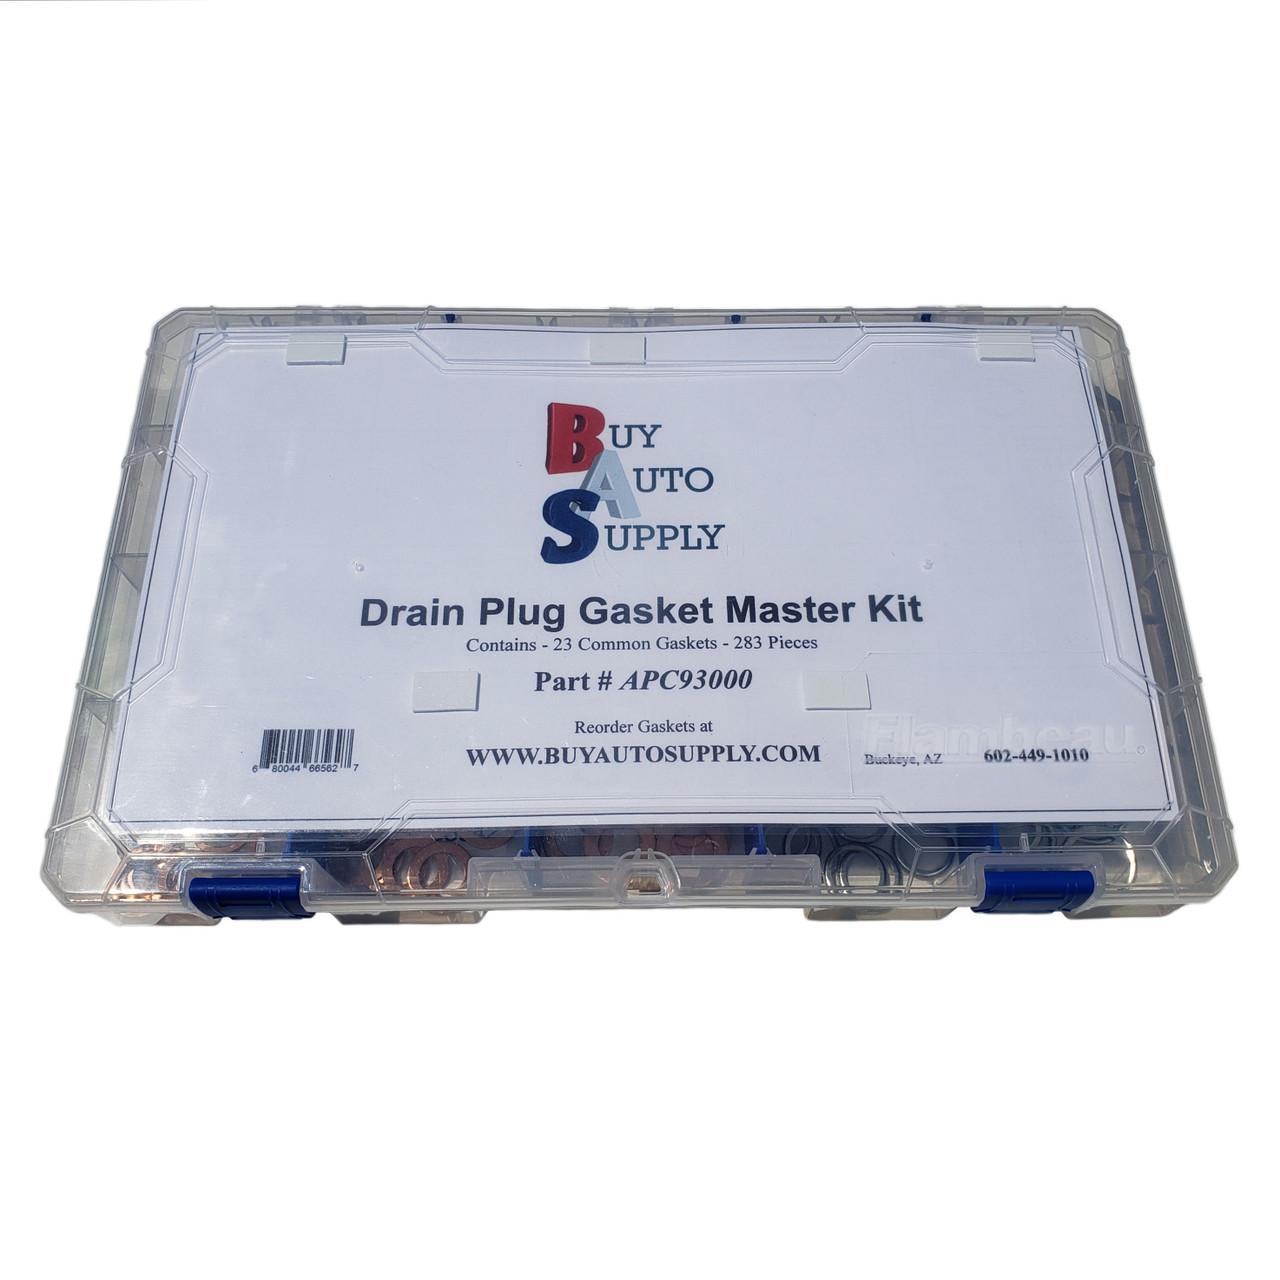 APC93000 - Oil Drain Plug Gasket Kit - 283 Pcs